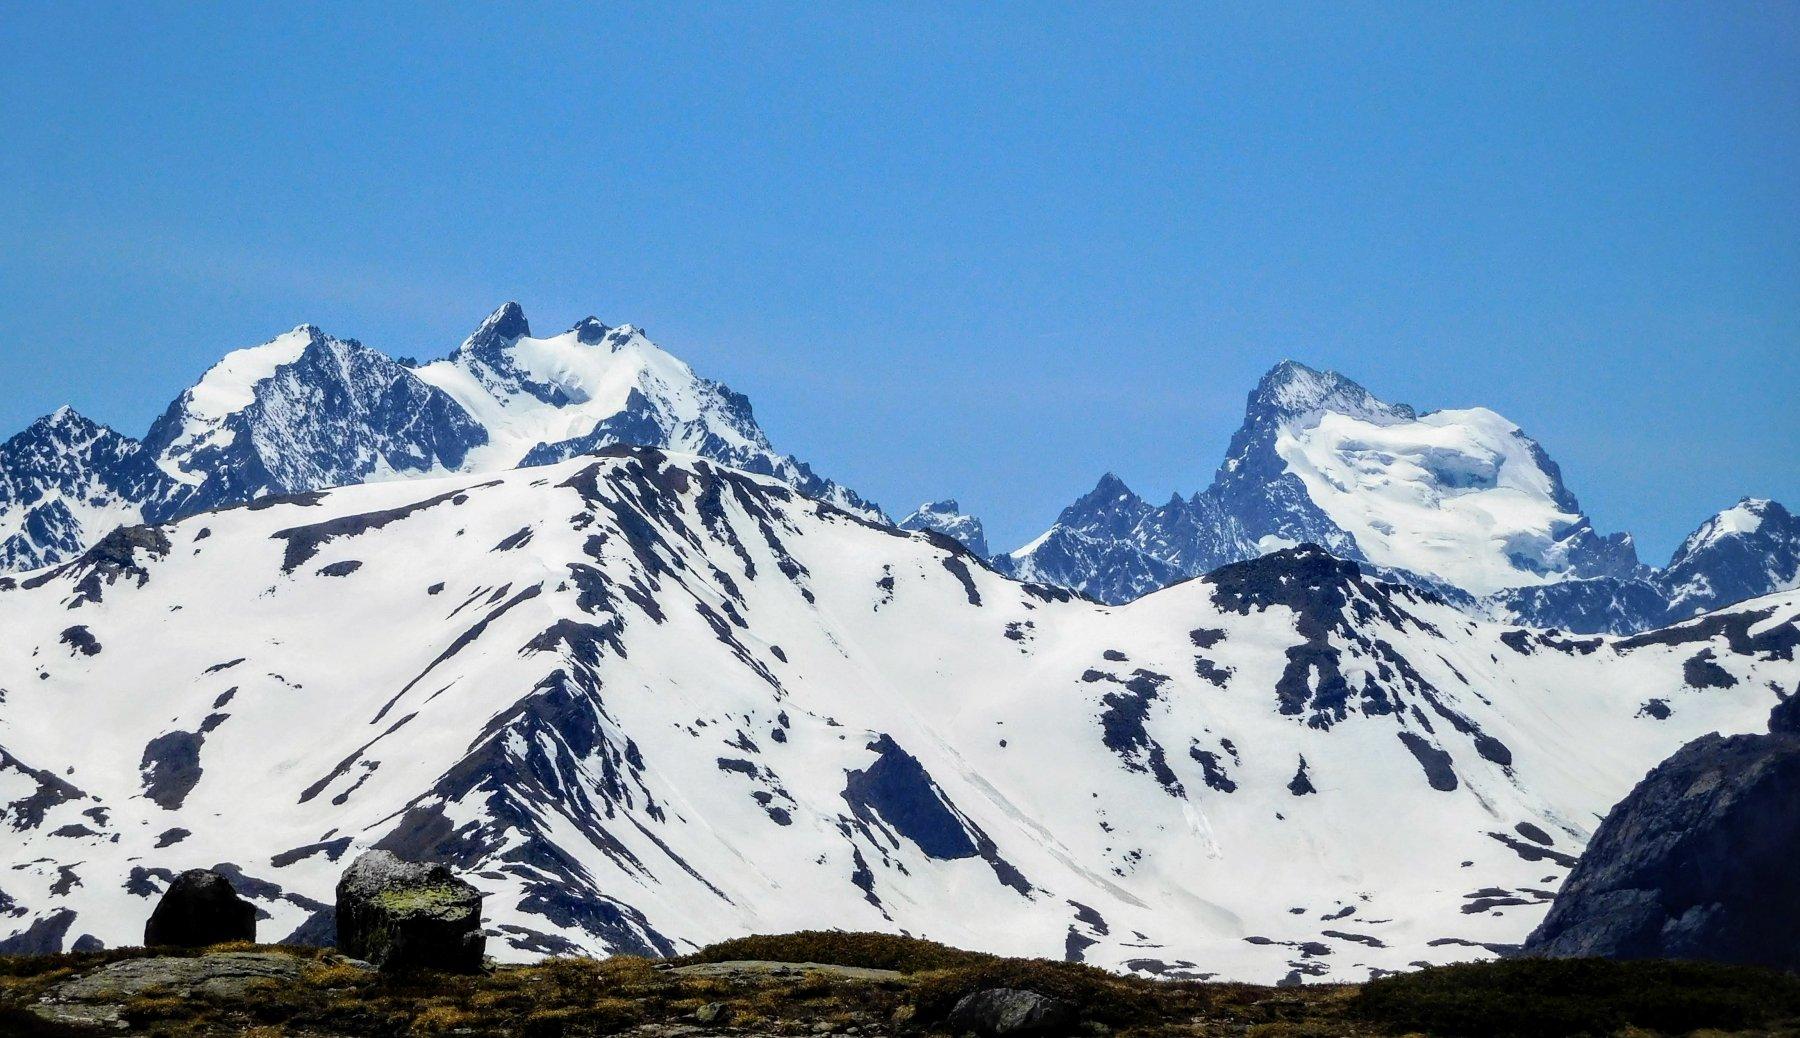 ghiacciai della Barres des Ecrins dal Lac Serpent